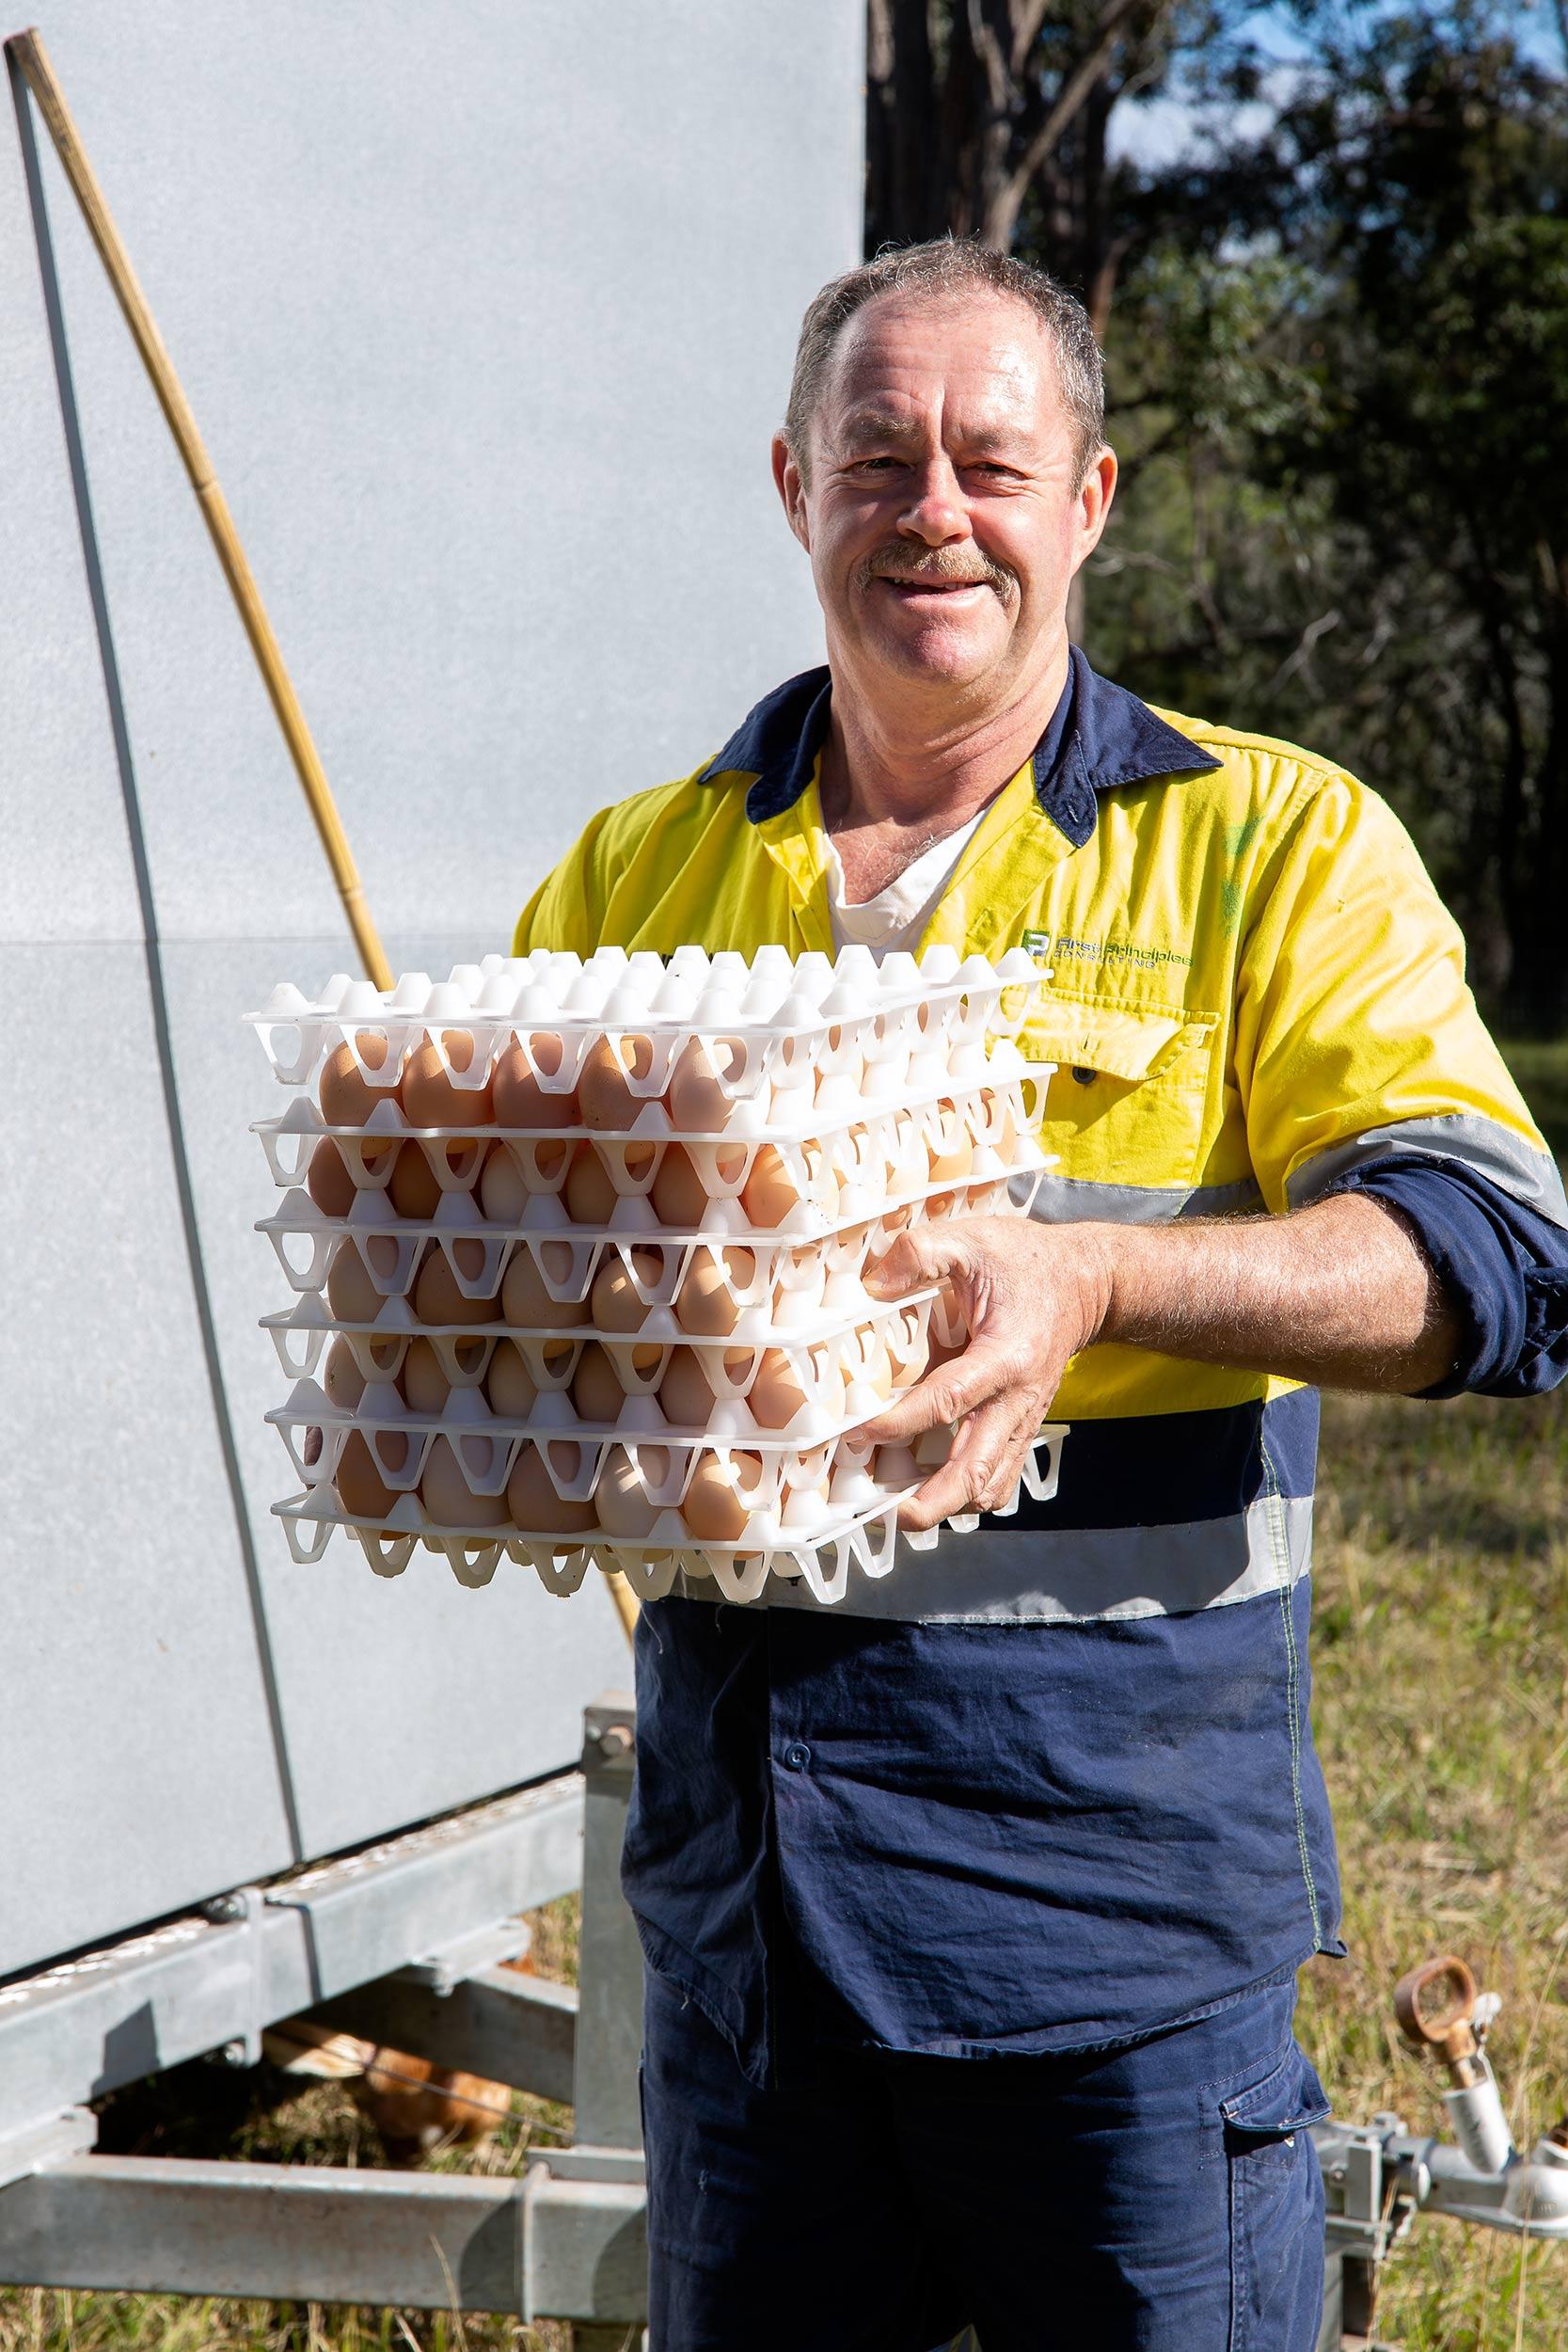 glft-topi-open-range-eggs.jpg